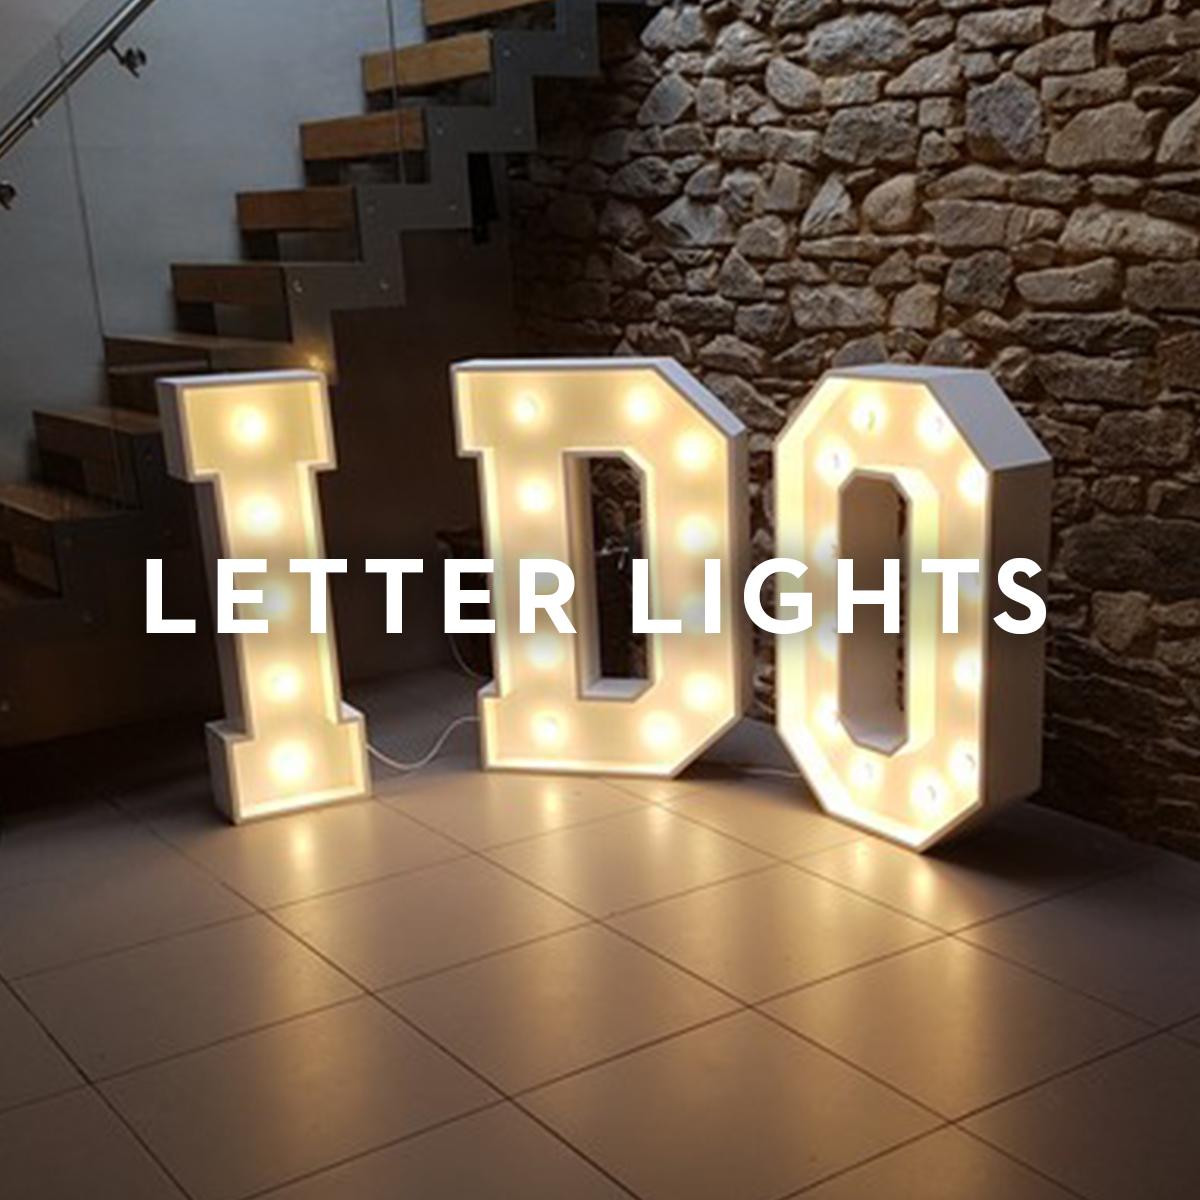 LETTER LIGHTS.jpg